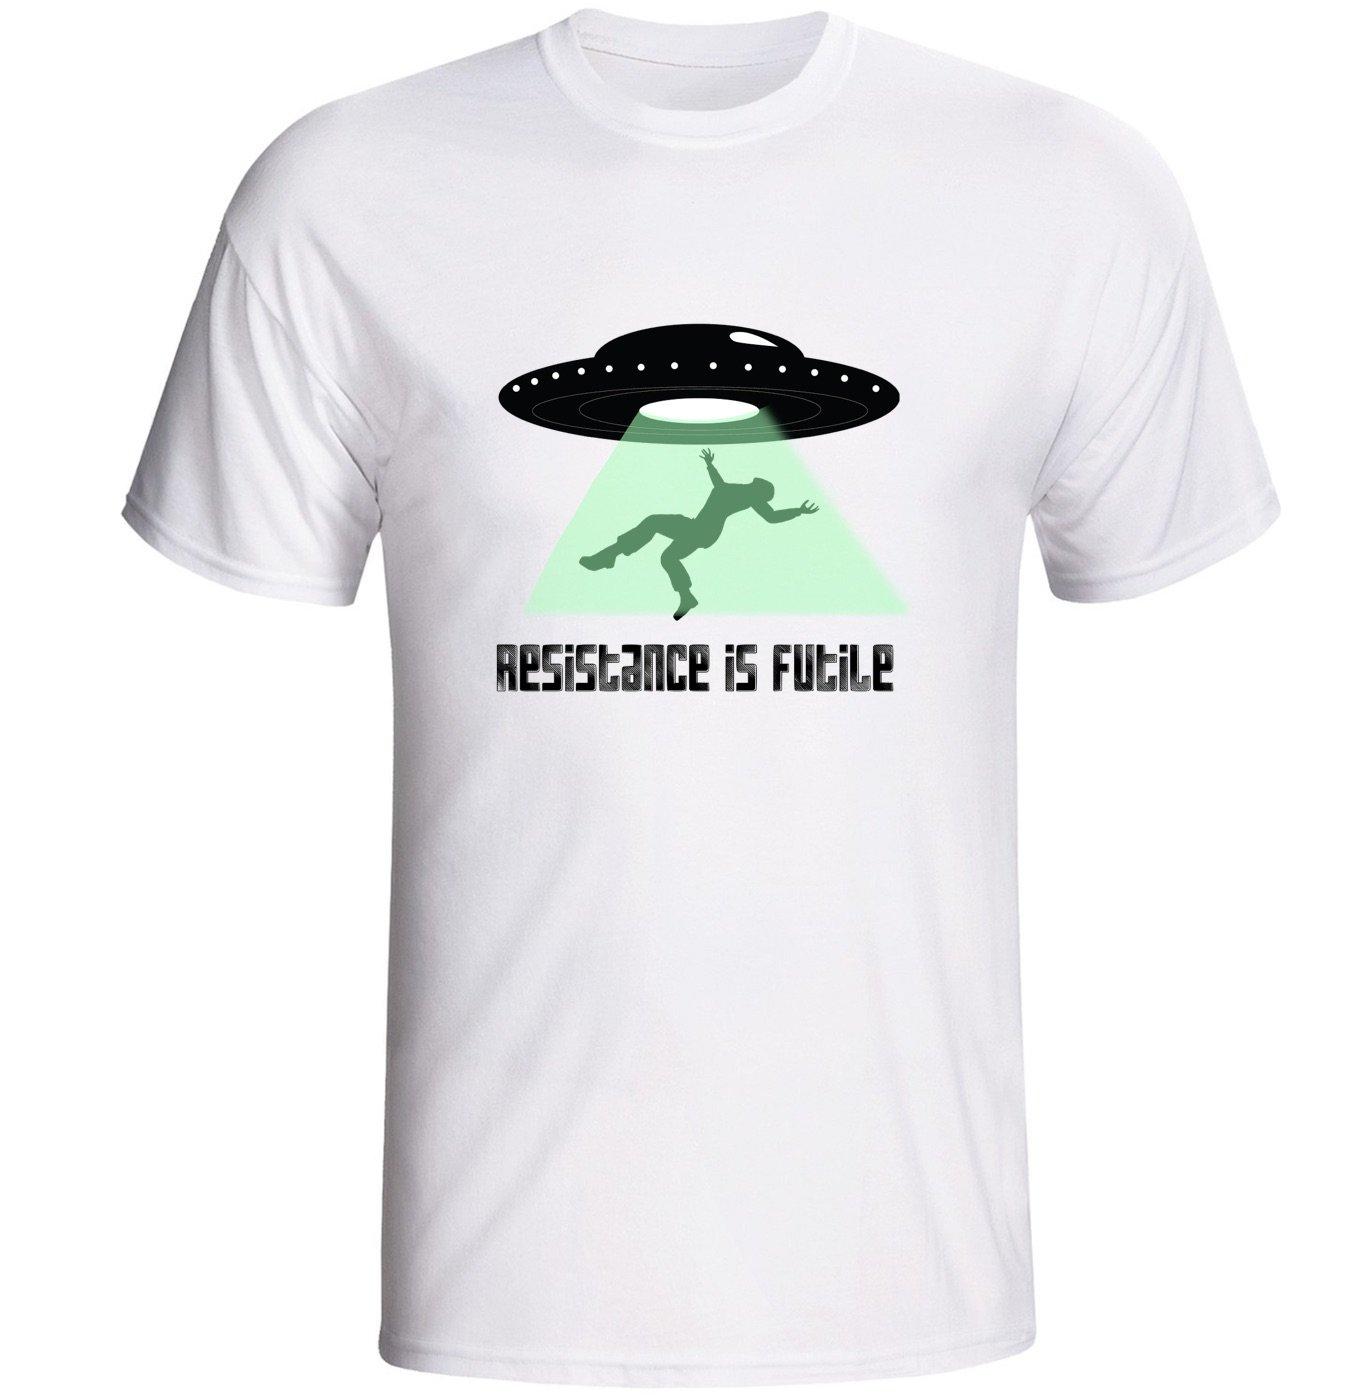 Pokemon Go tuercas camiseta, blanco: Amazon.es: Deportes y aire libre